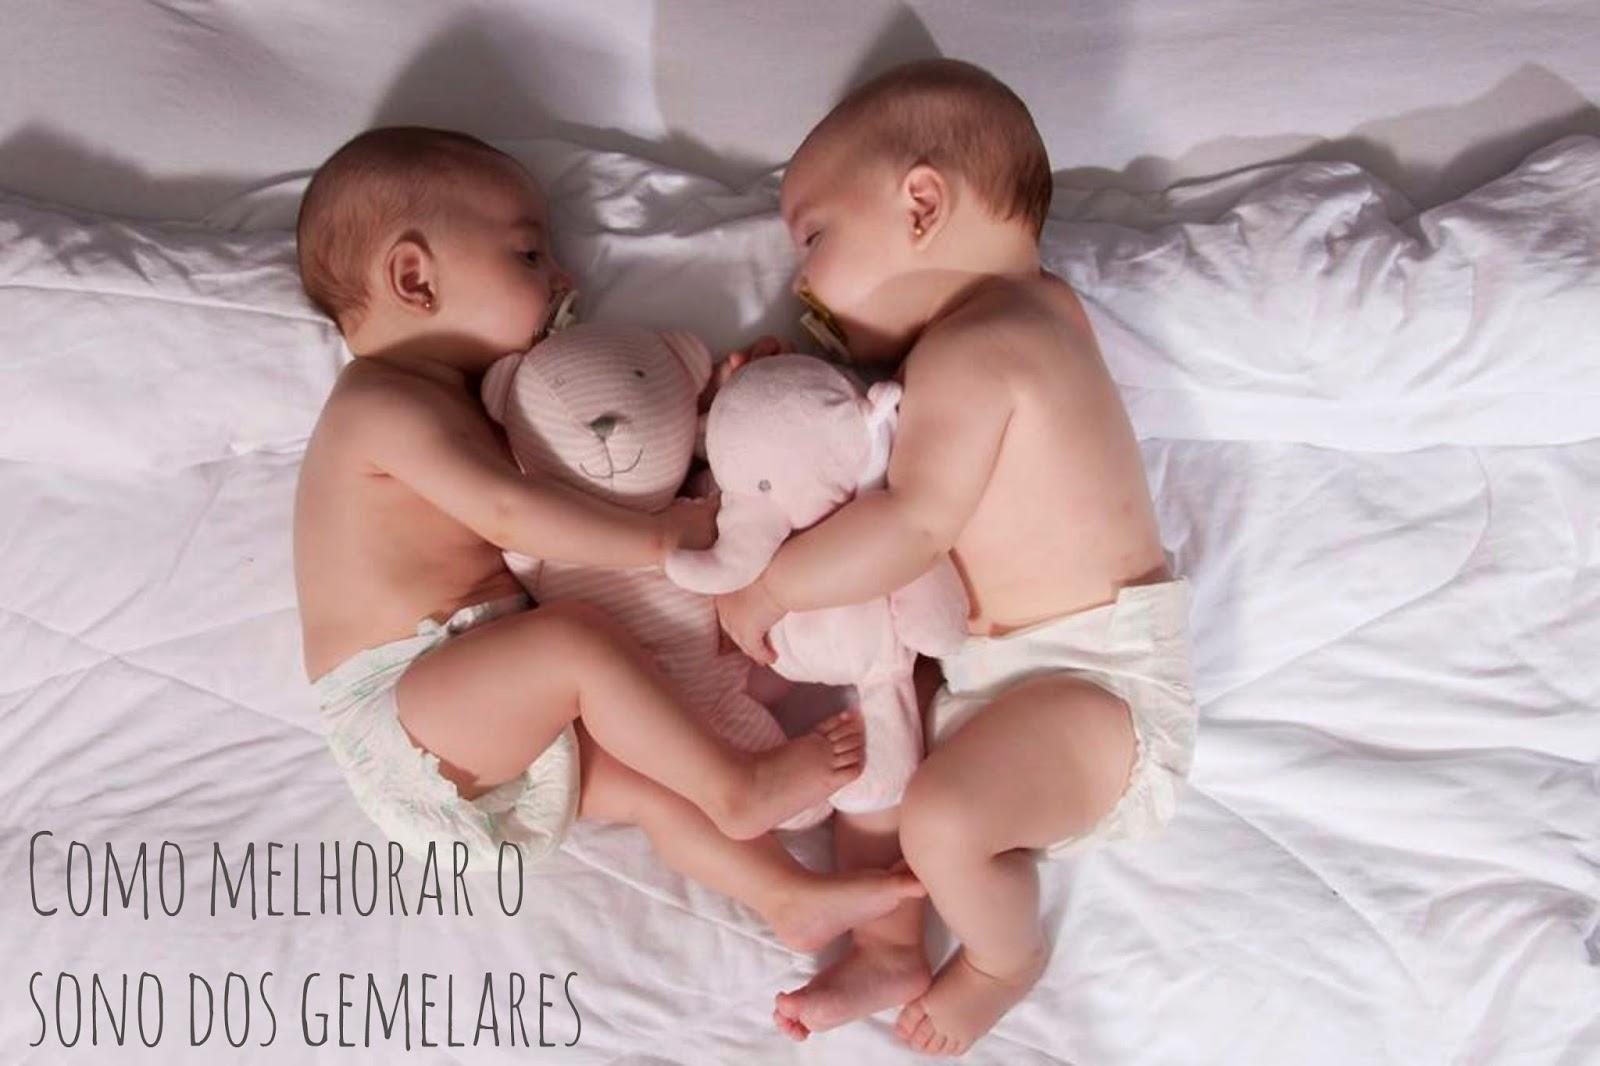 Como melhorar o sono dos gemelares